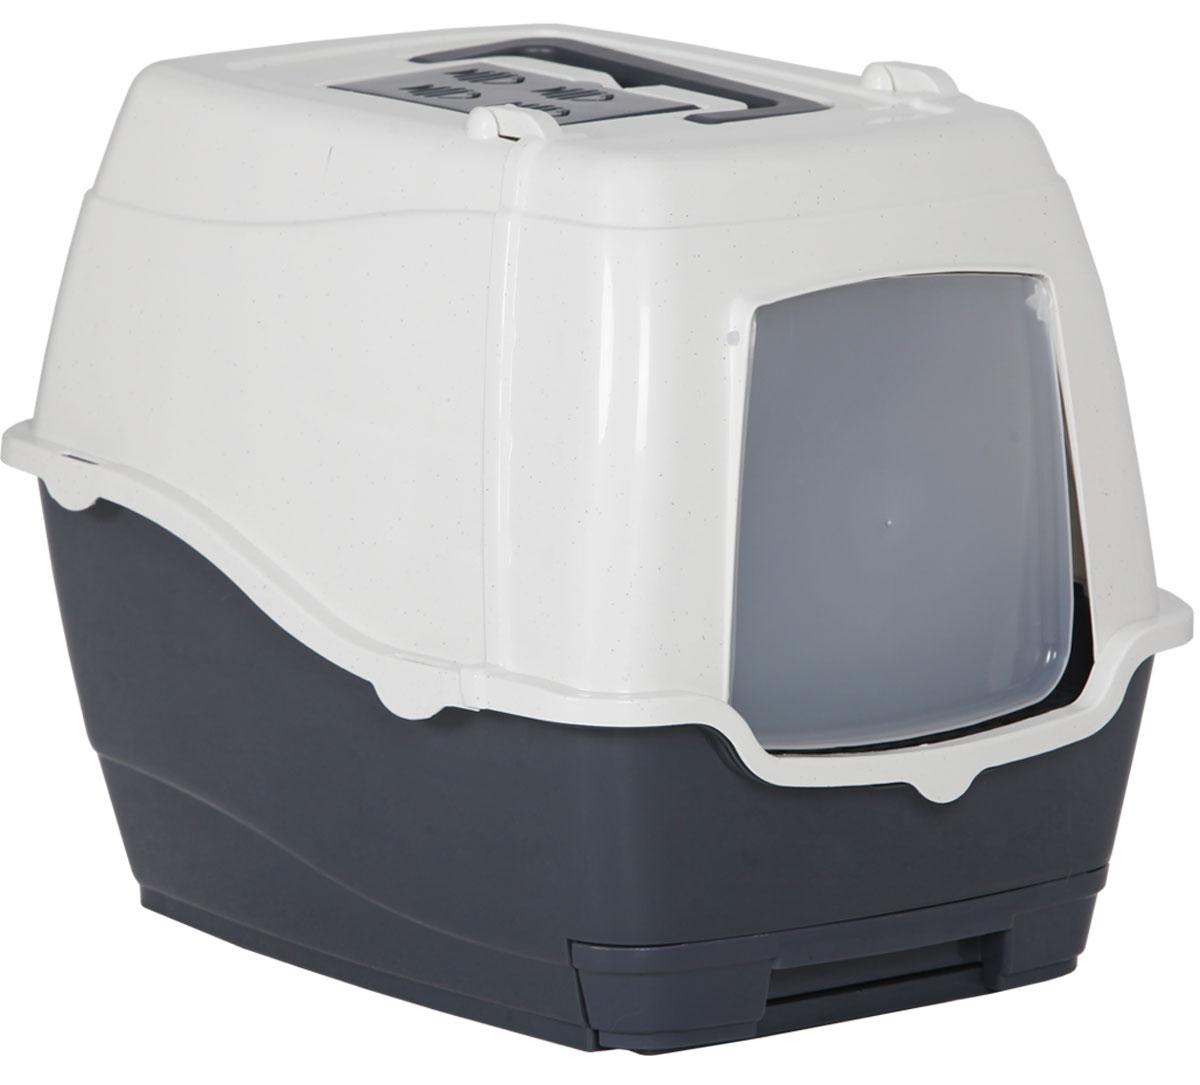 Туалет-лоток для кошек, цвет: серый, молочный, 47 x 39,5 x 41 см. CAT-L25 GreyCAT-L25 GreyТуалет-лоток для кошек удерживает неприятные запахи, предотвращает рассыпание наполнителя. Изготовлен из высококачественного пластика, легко моется и не впитывает запахи. Специально разработанная верхняя крышка, облегчает уборку туалета.Благодаря открывающейся фронтальной дверце ваш питомец быстро и удобно попадет в такой туалет-домик.Внутреннее отделение организовано с двойным дном. Одно из них имеет сетчатую поверхность. Через сетку высыпается лишний наполнитель, который можно убрать с помощью выдвижного отсека.Укомплектовано такое изделие фильтром, а также совком, который выполнен с дополнительными отверстиями.Преимущества закрытого туалета очевидны: меньше распространяются неприятные запахи, наполнитель не рассыпается вокруг туалета (особенно актуально для кошек, которые любят покопаться в наполнителе);идеально подходит для кошек, которые любят долго и упорно зарывать, используя при этом не только наполнитель, но и все, что попадет под лапу.Туалет-лоток удобно переносить с помощью верхней пластиковой ручки.